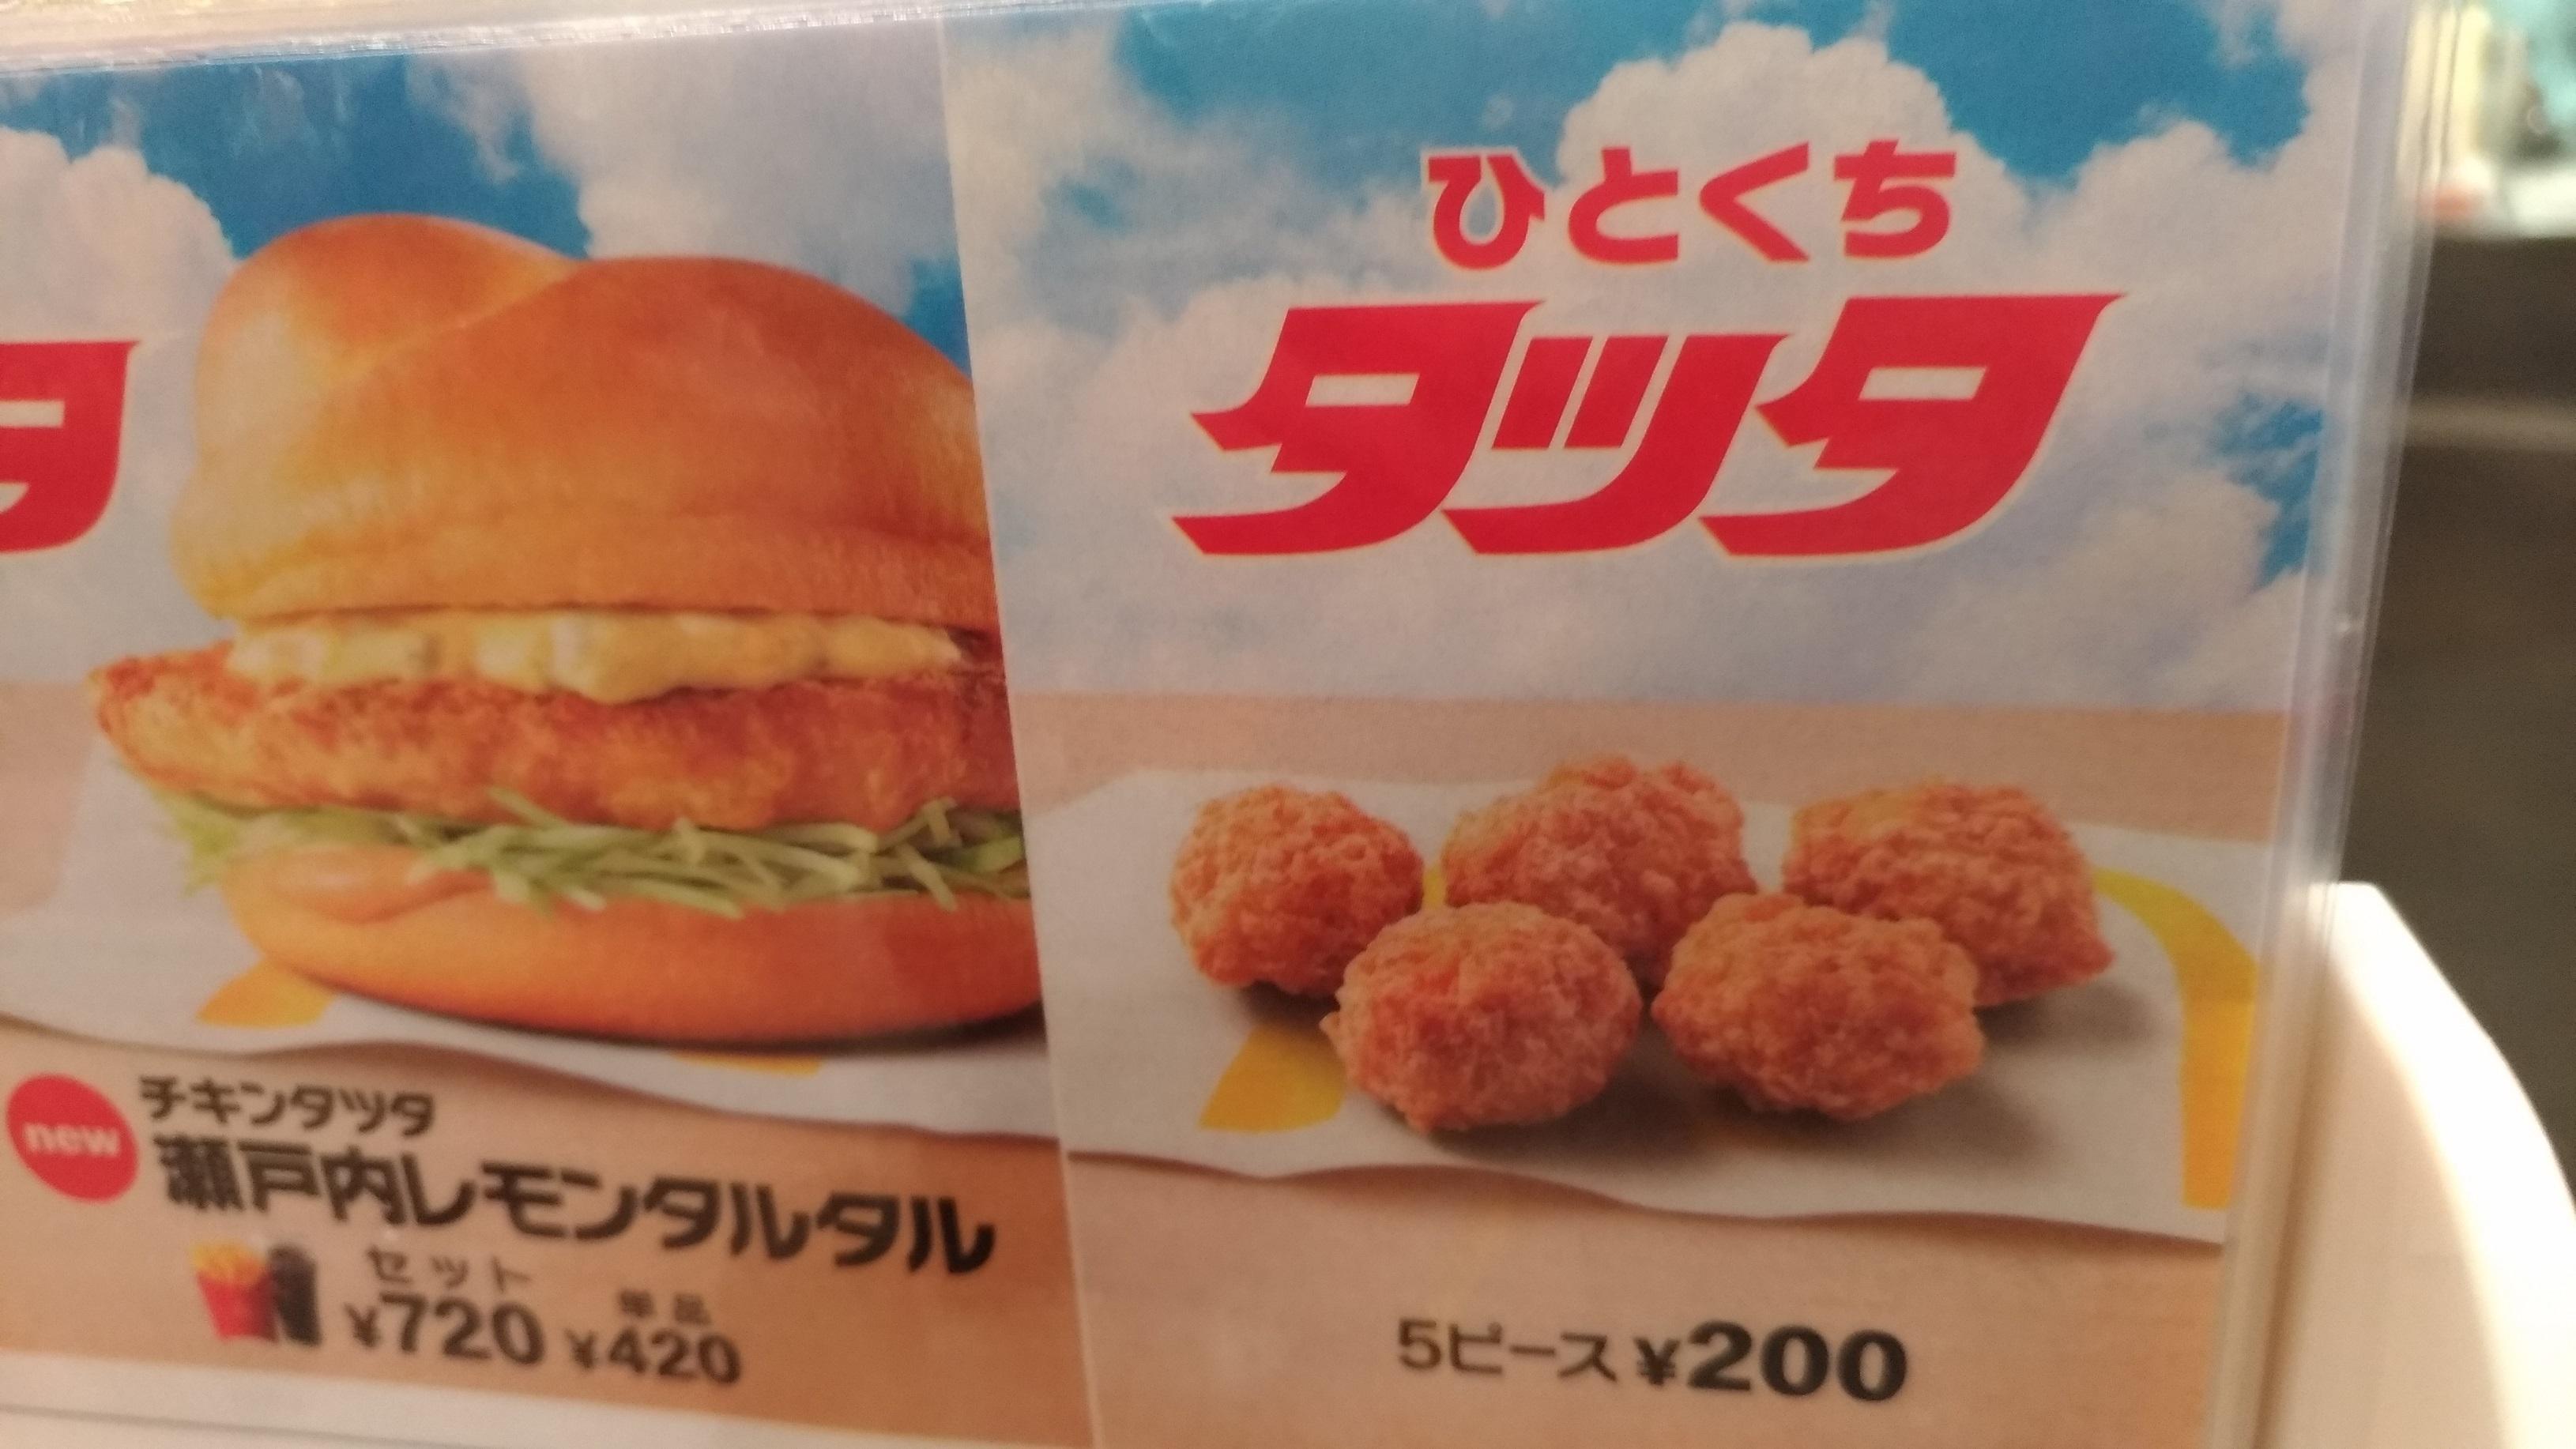 chikin_tatsuta_mac_2021_02_3.jpg